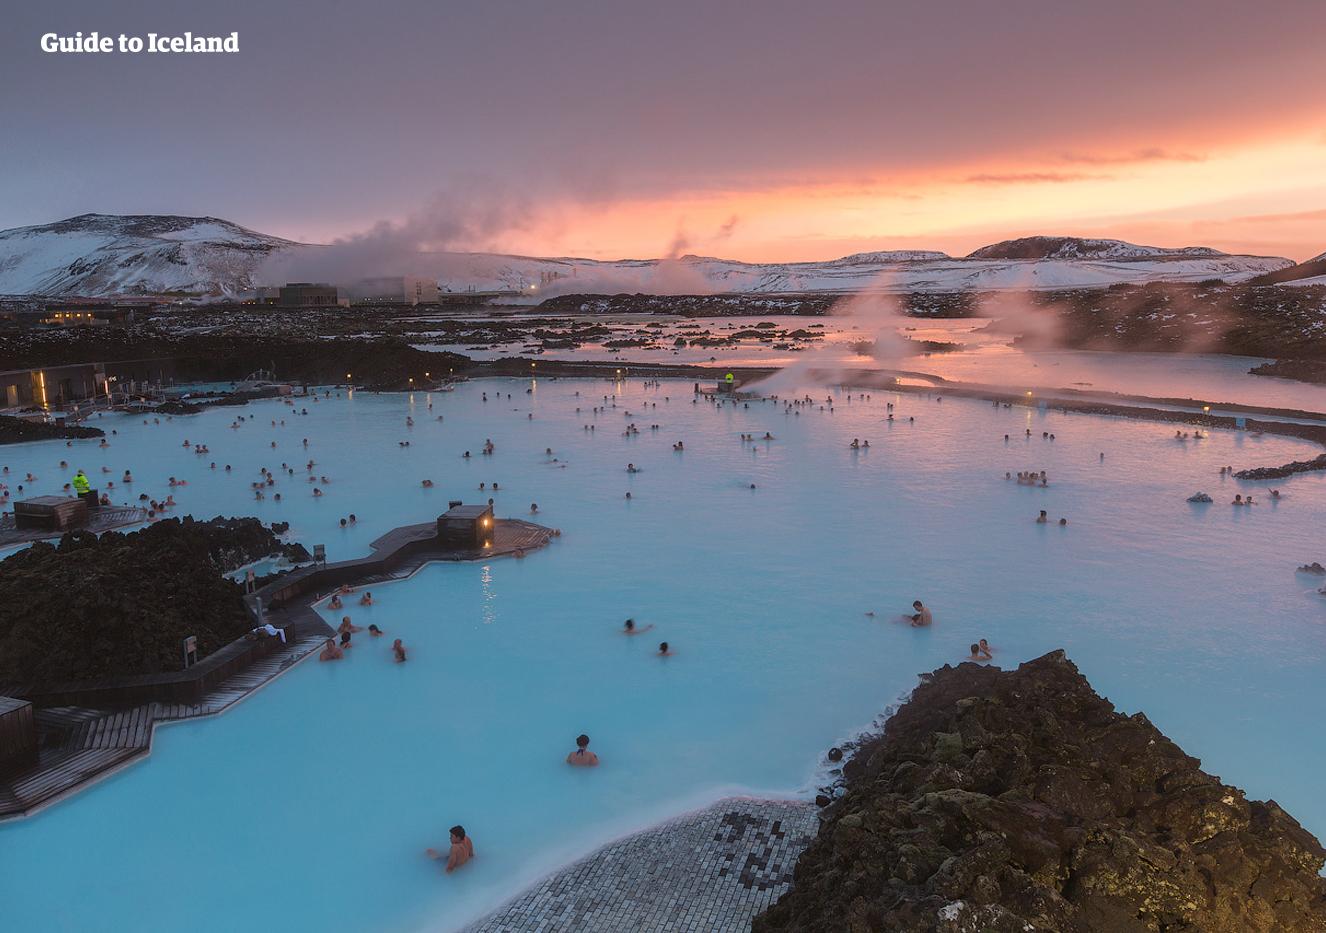 Ontspan in het warme, azuurblauwe water van de Blue Lagoon voordat je naar huis vliegt.